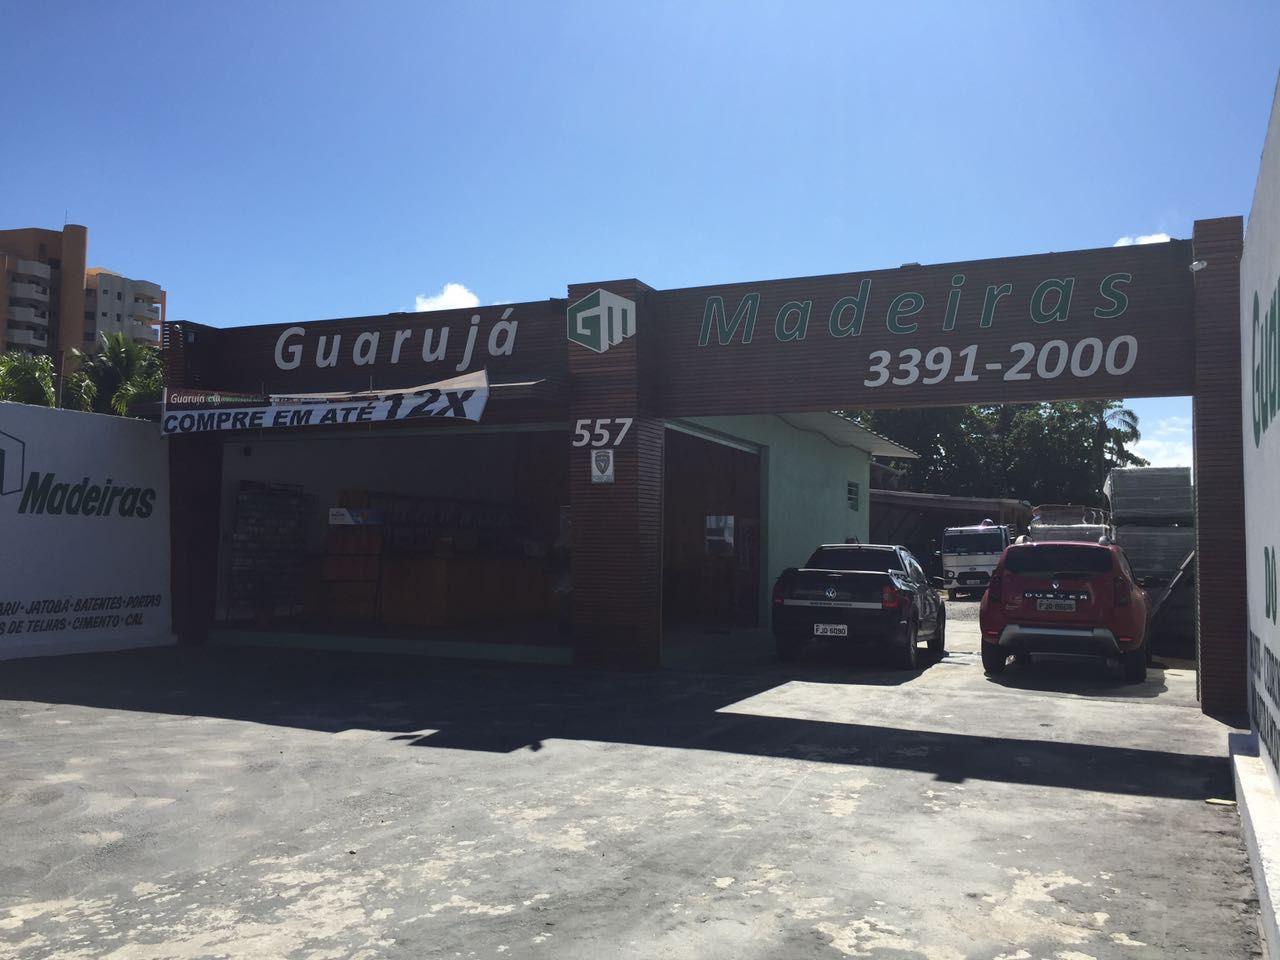 Foto Guarujá Madeiras